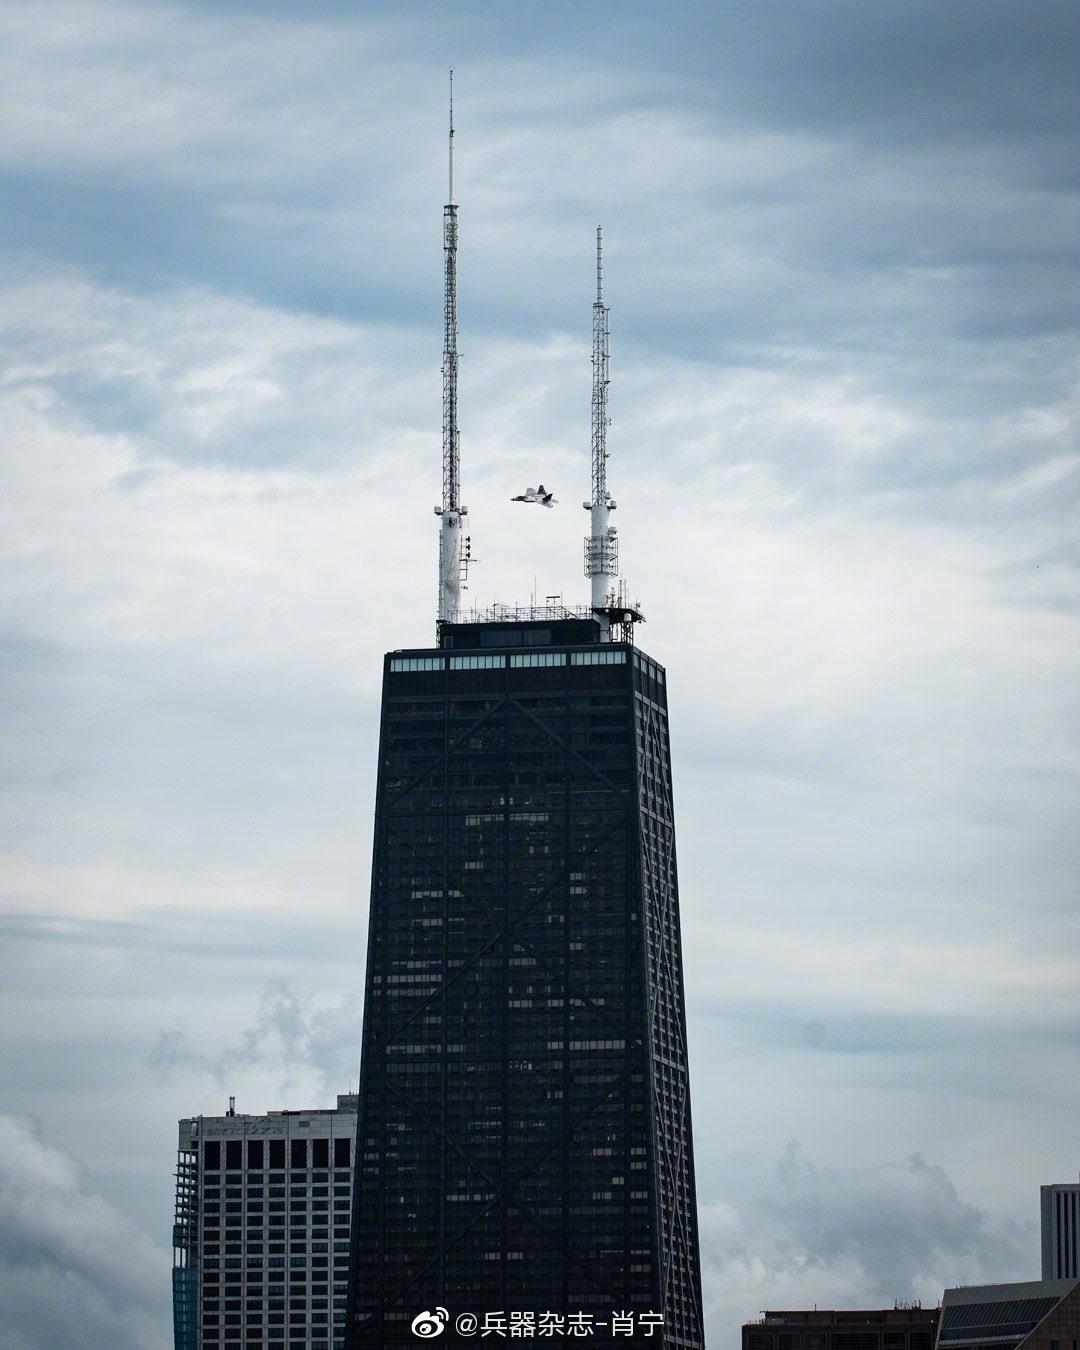 芝加哥,We'll be back